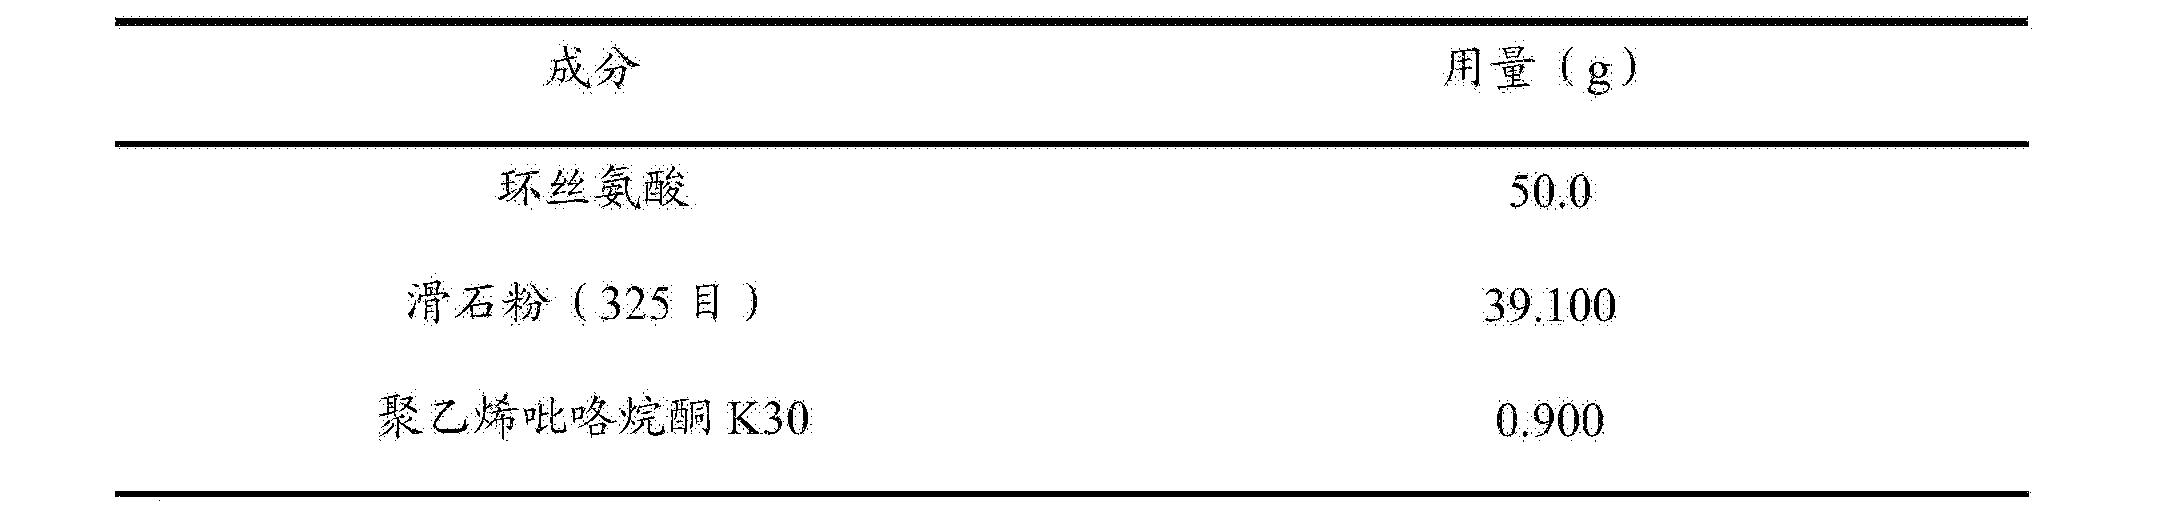 Figure CN105476976BD00121